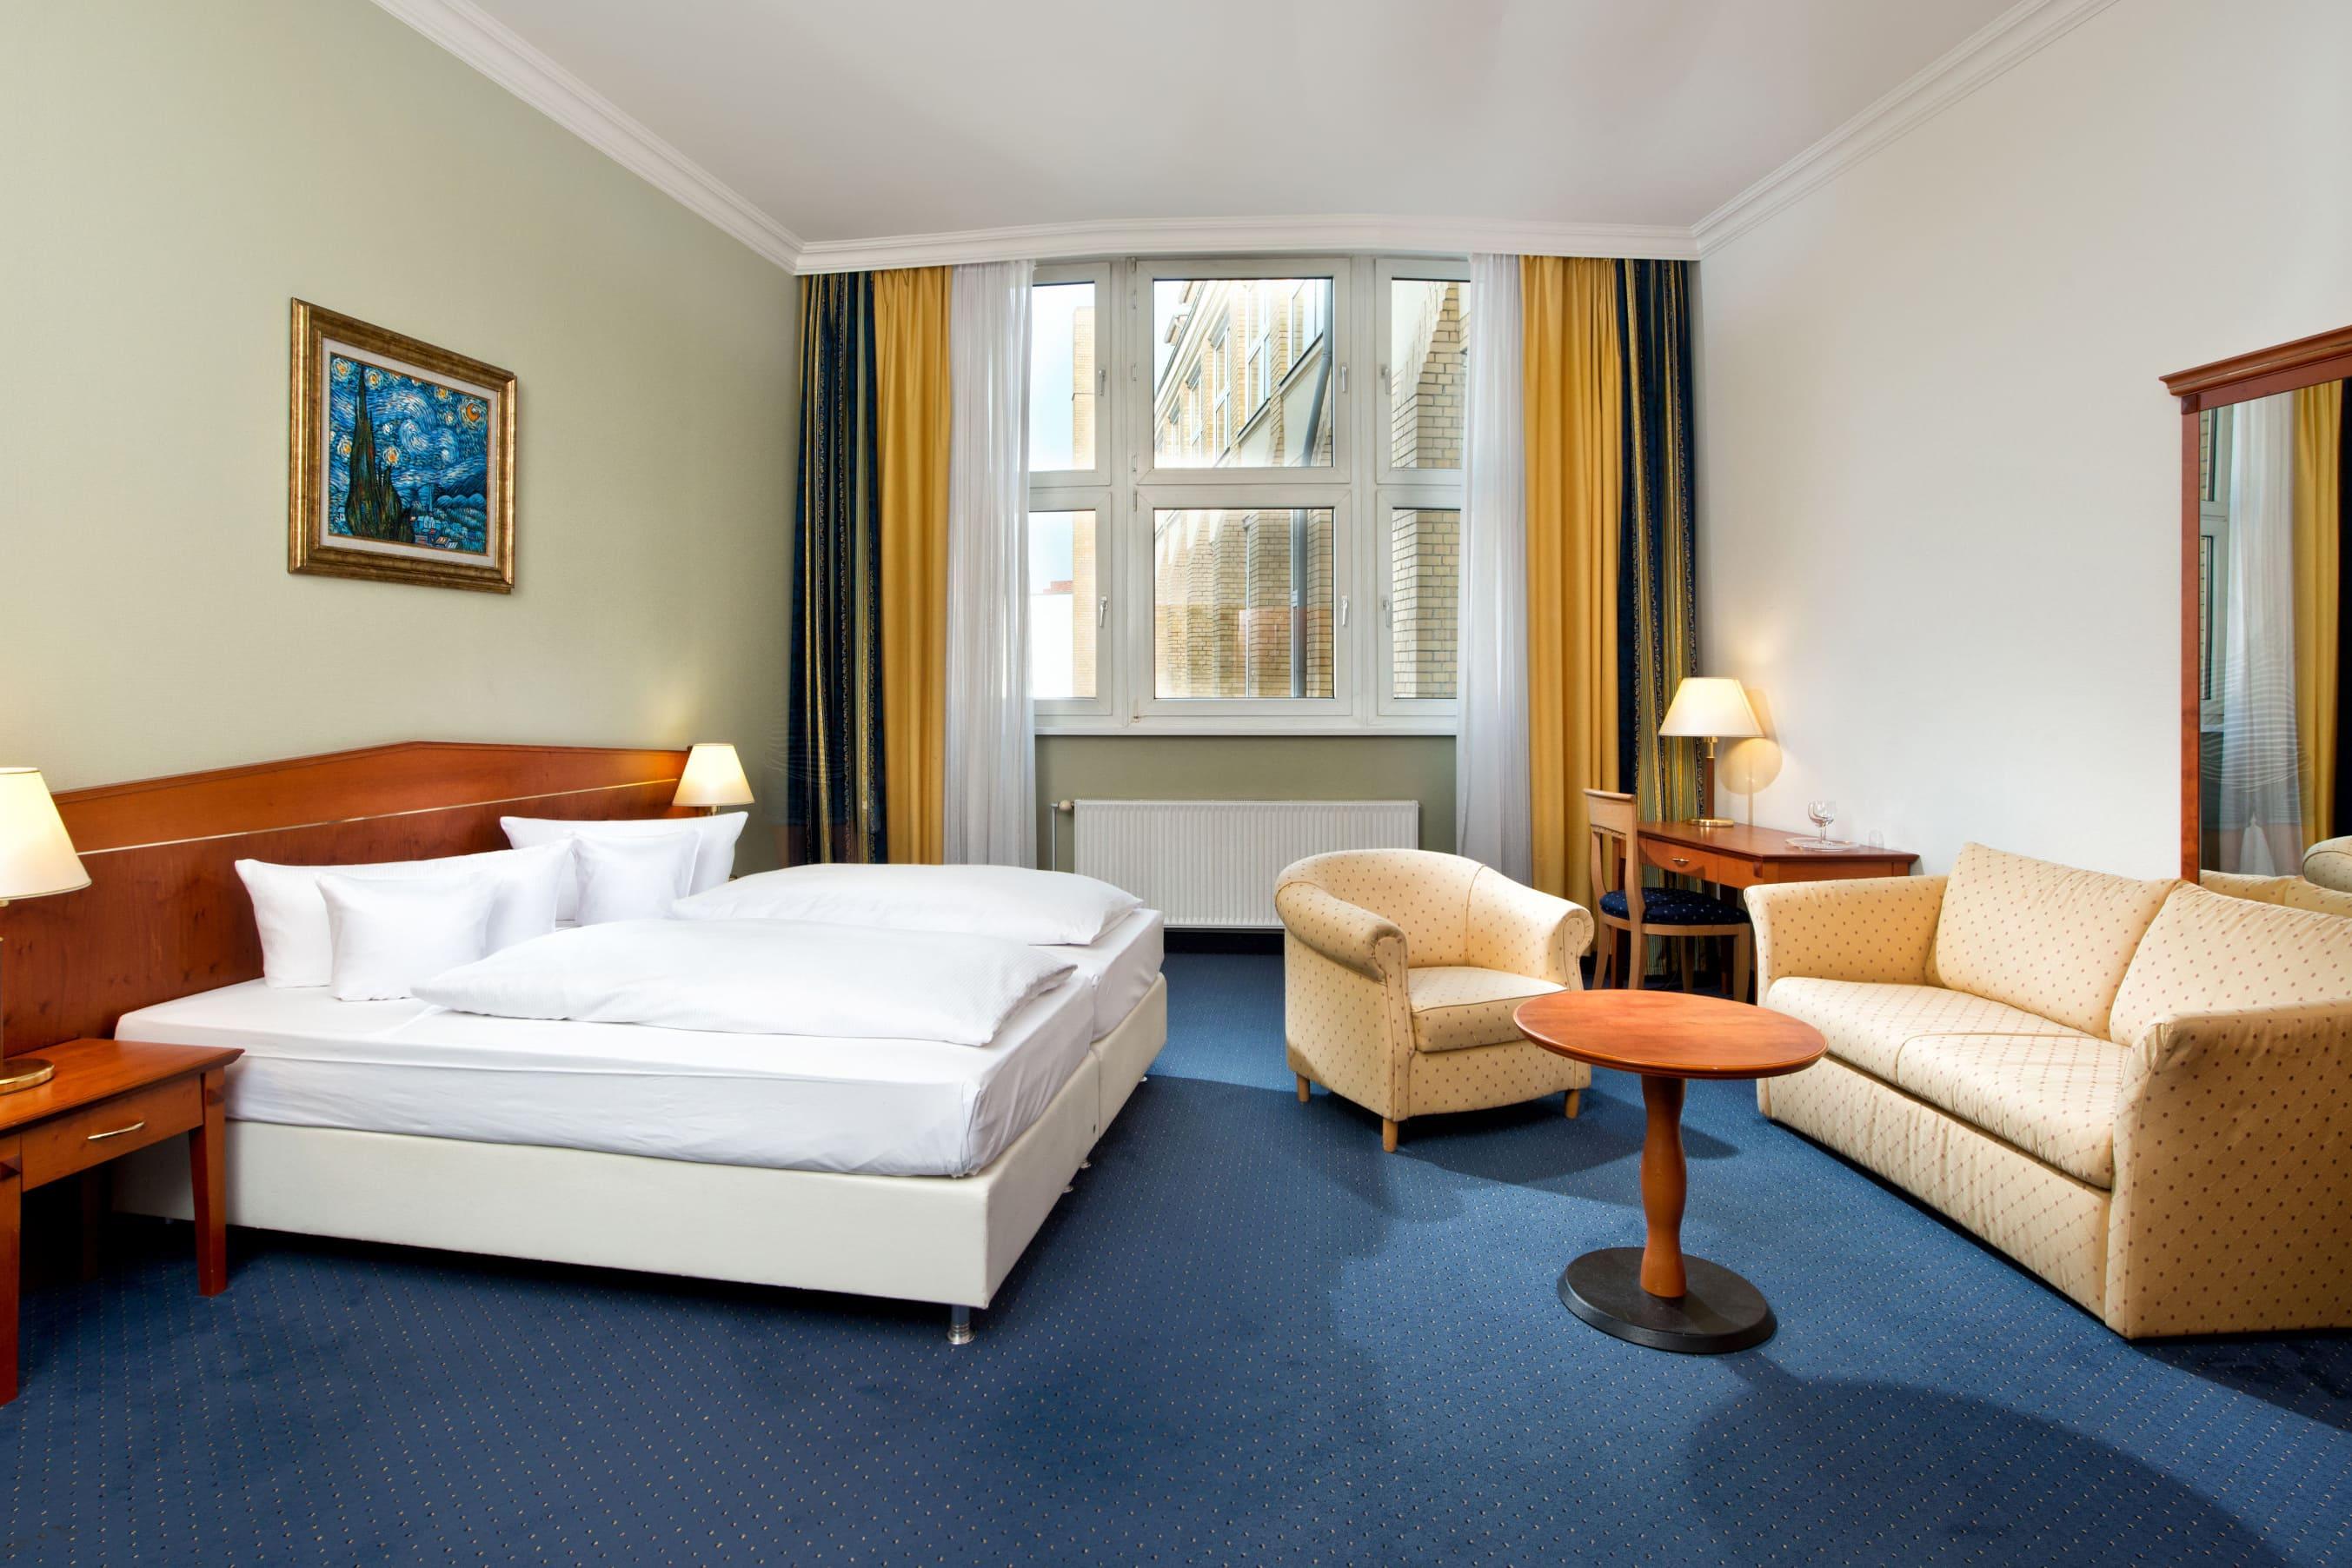 Gästezimmer im Wyndham Garden Berlin Mitte in Berlin, außer USA/Kanada